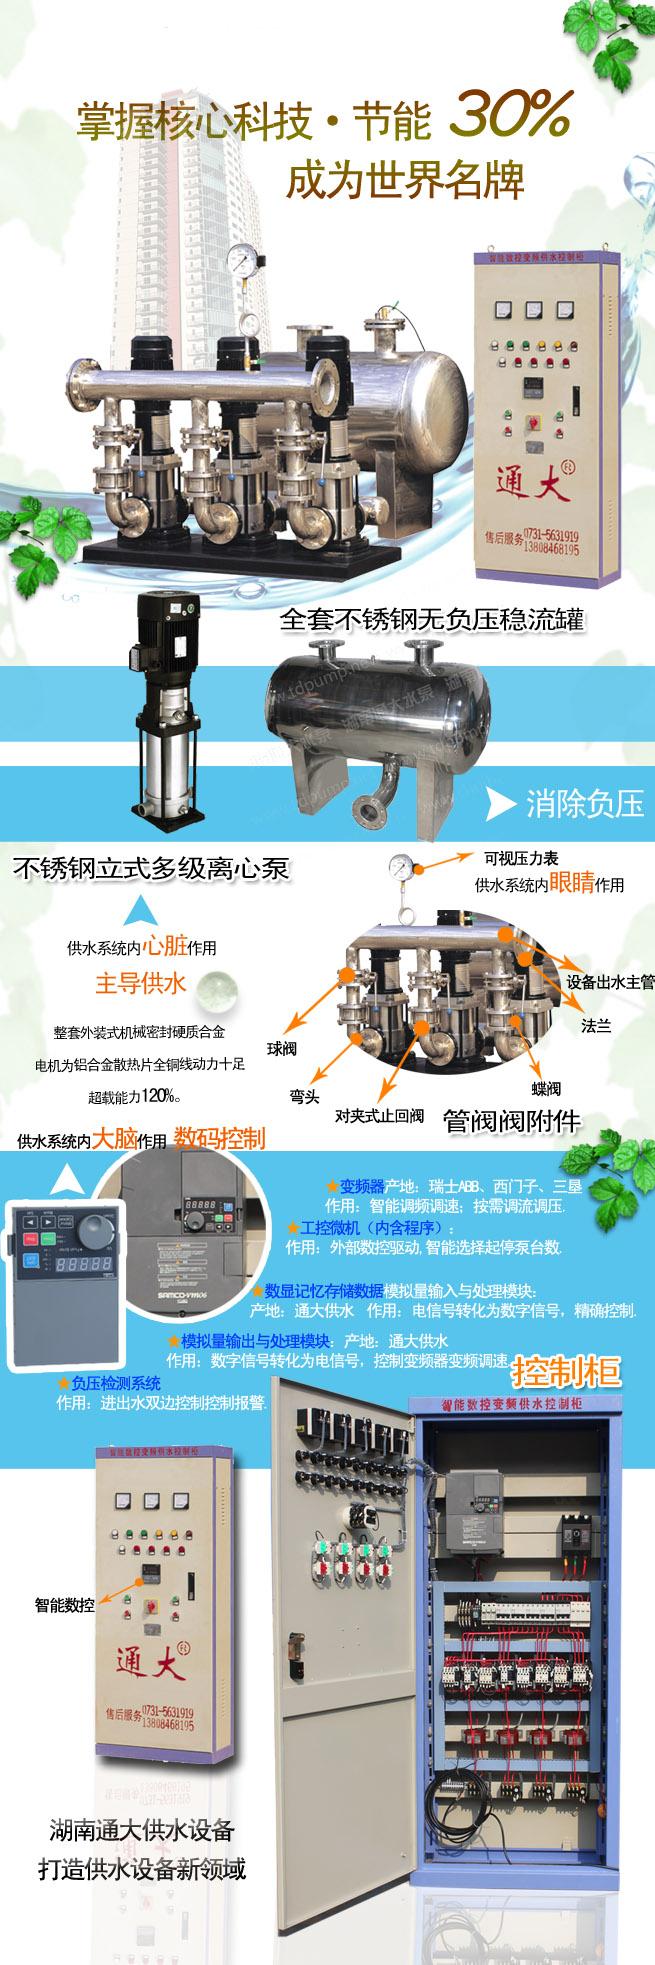 智能数控变频供水设备